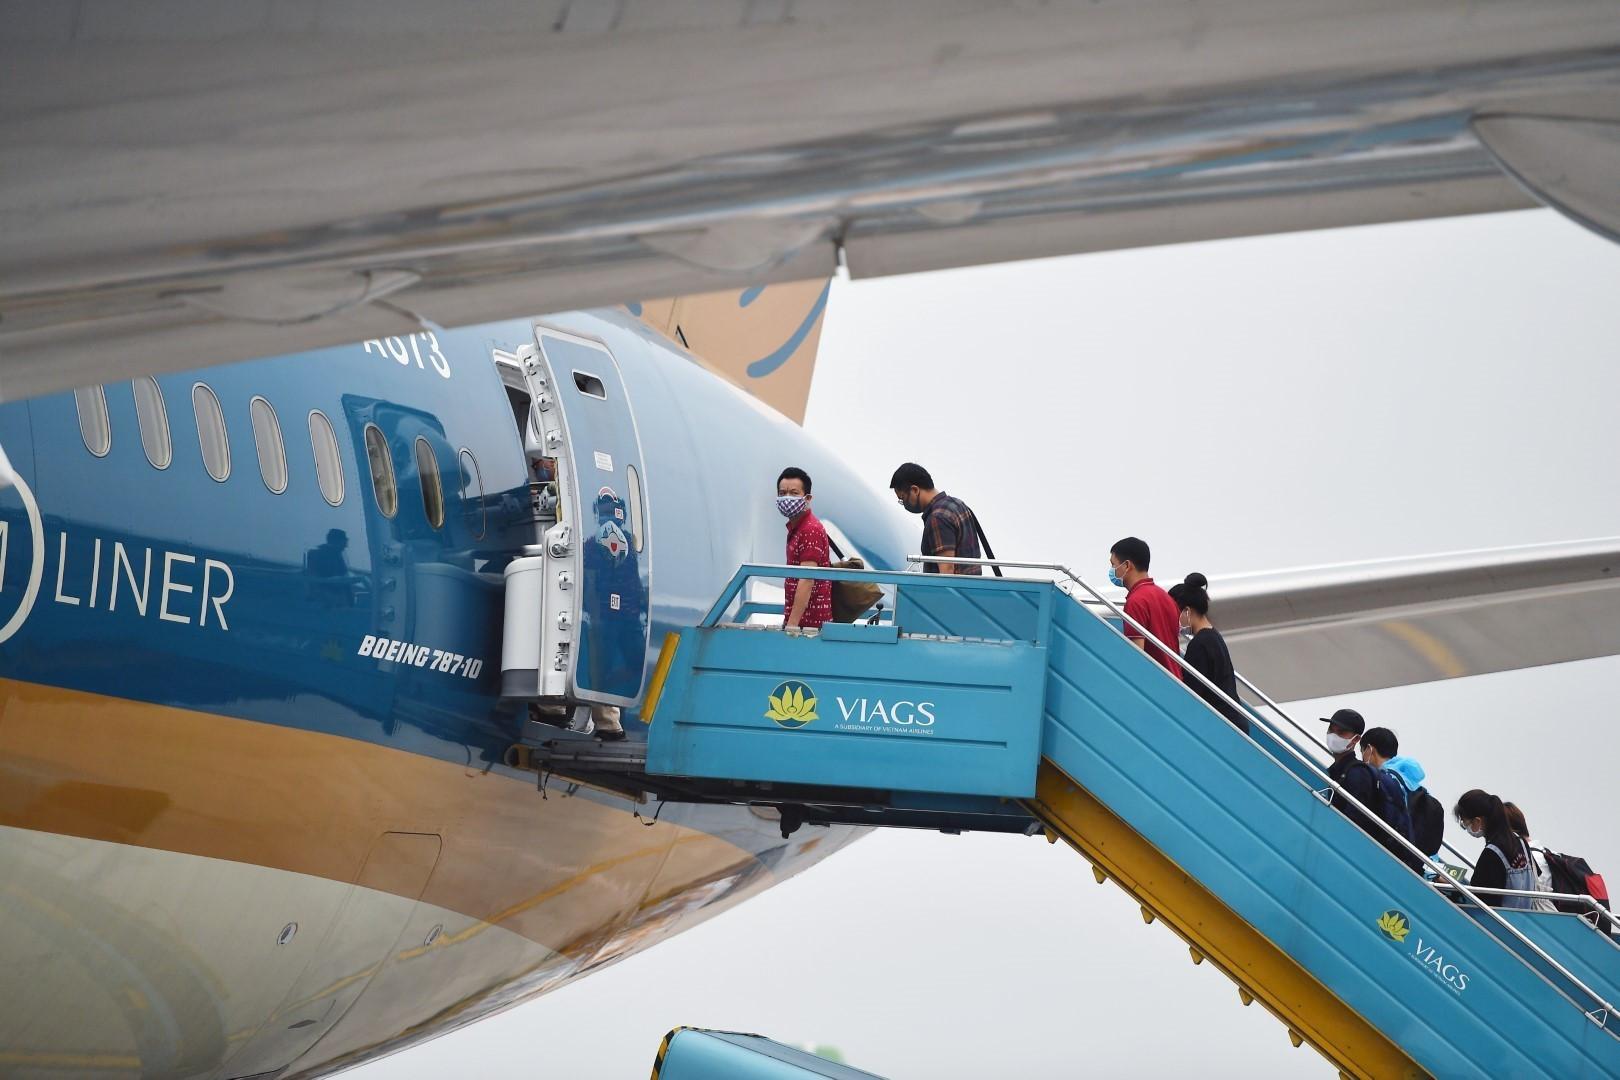 Thêm 2 đường bay nội địa được khai thác trở lại - Ảnh 1.